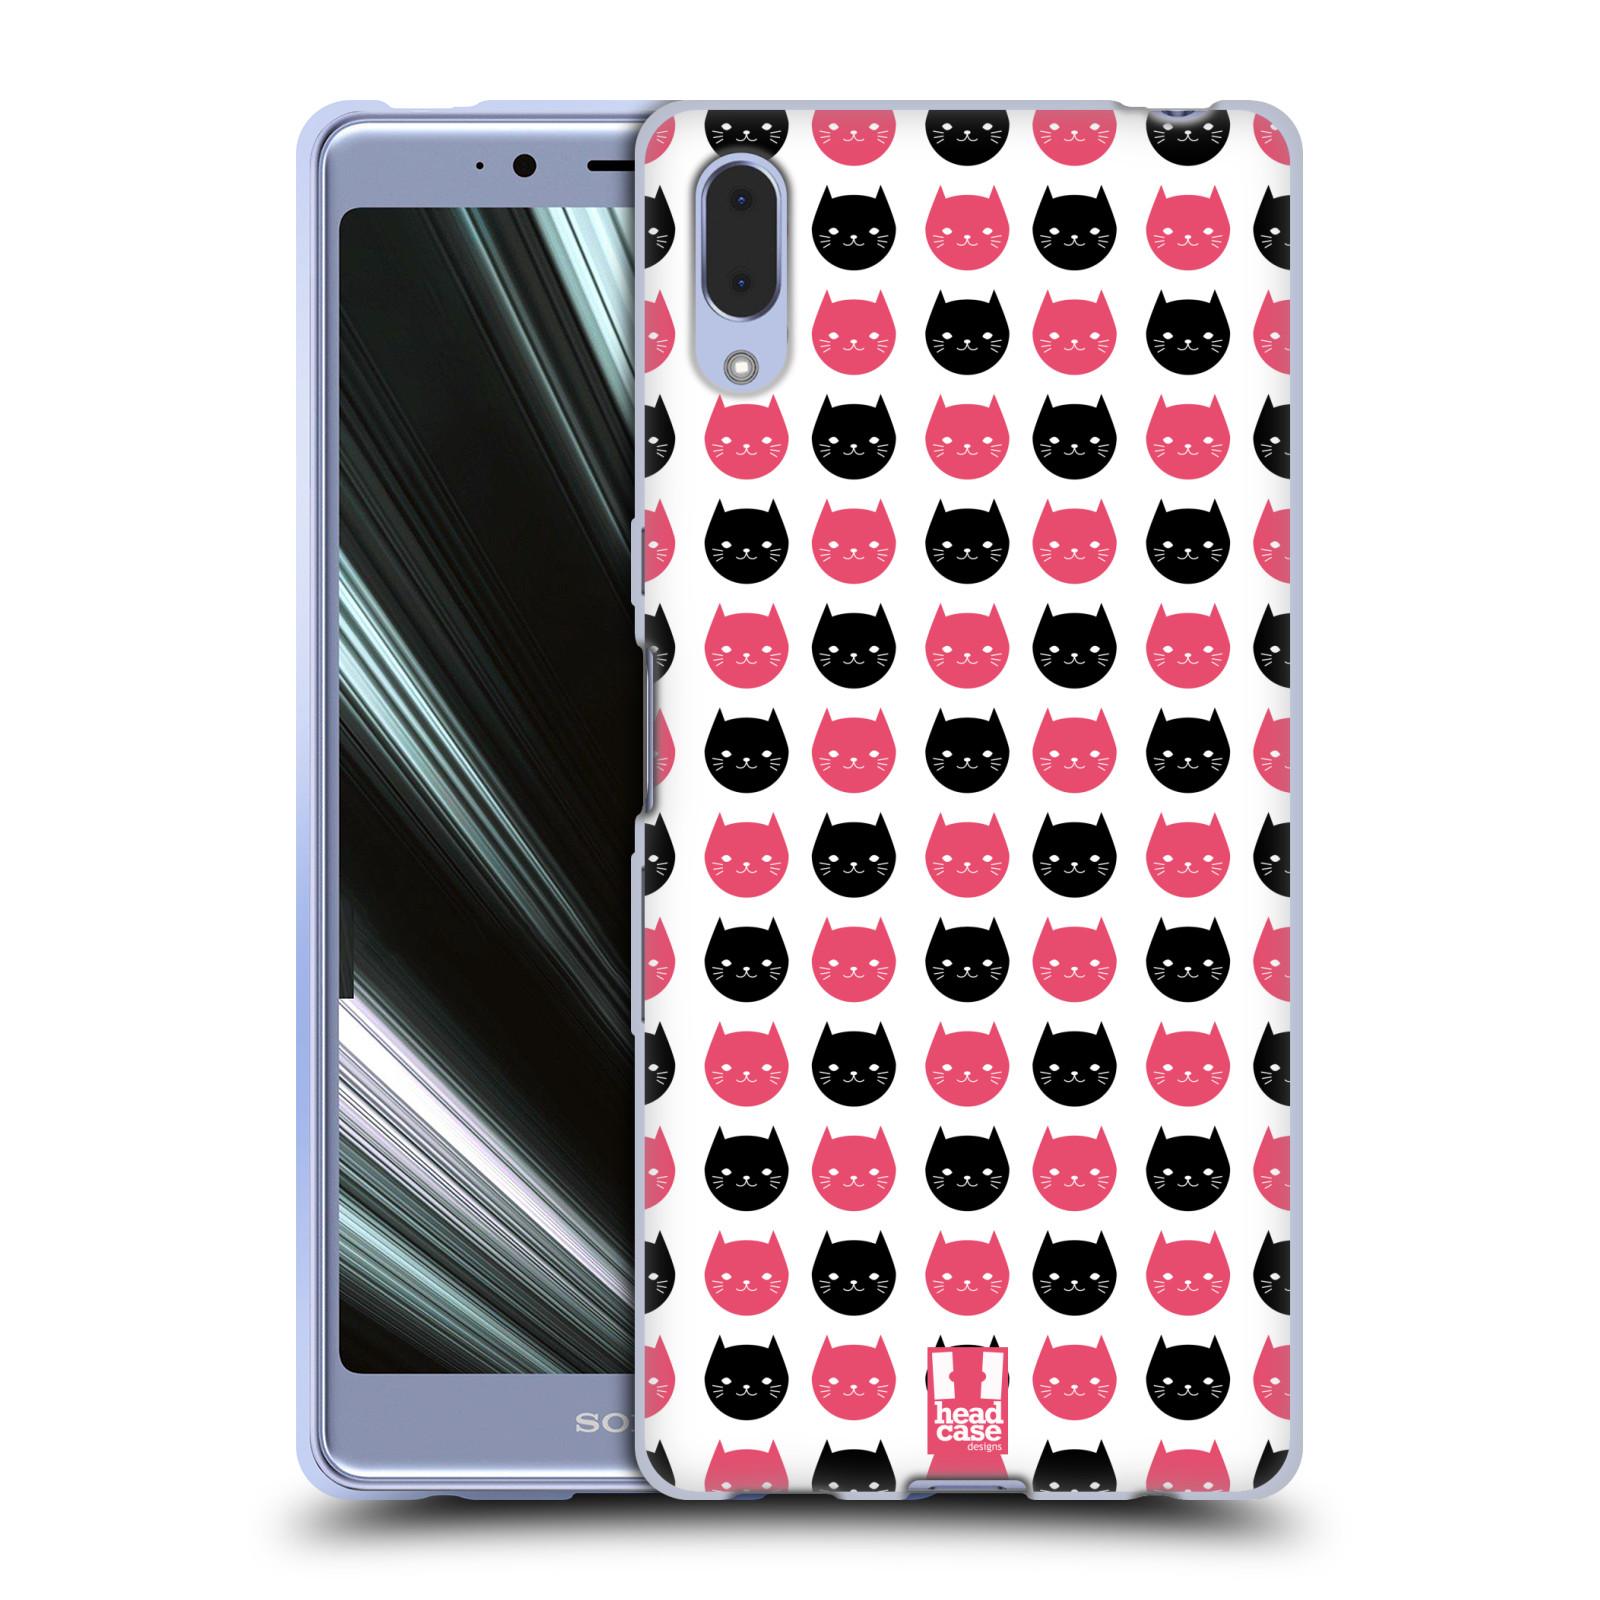 Silikonové pouzdro na mobil Sony Xperia L3 - Head Case - KOČKY Black and Pink